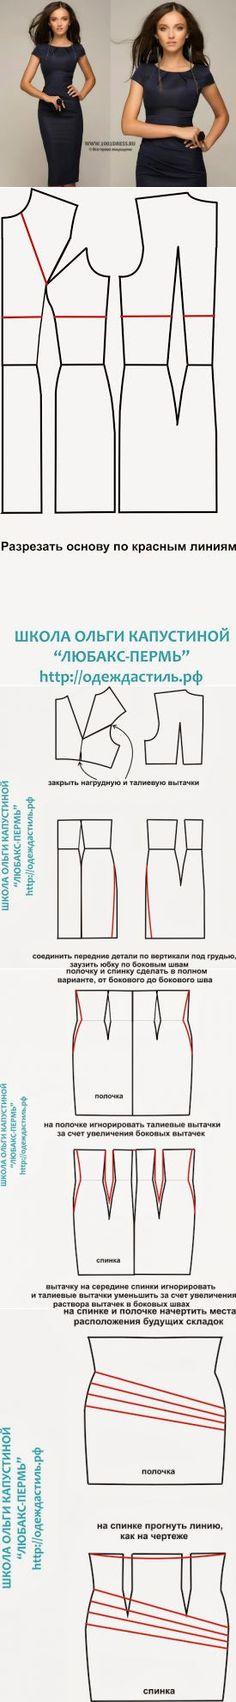 440 mejores imágenes de Patrones de costura | Dress patterns, Diy ...